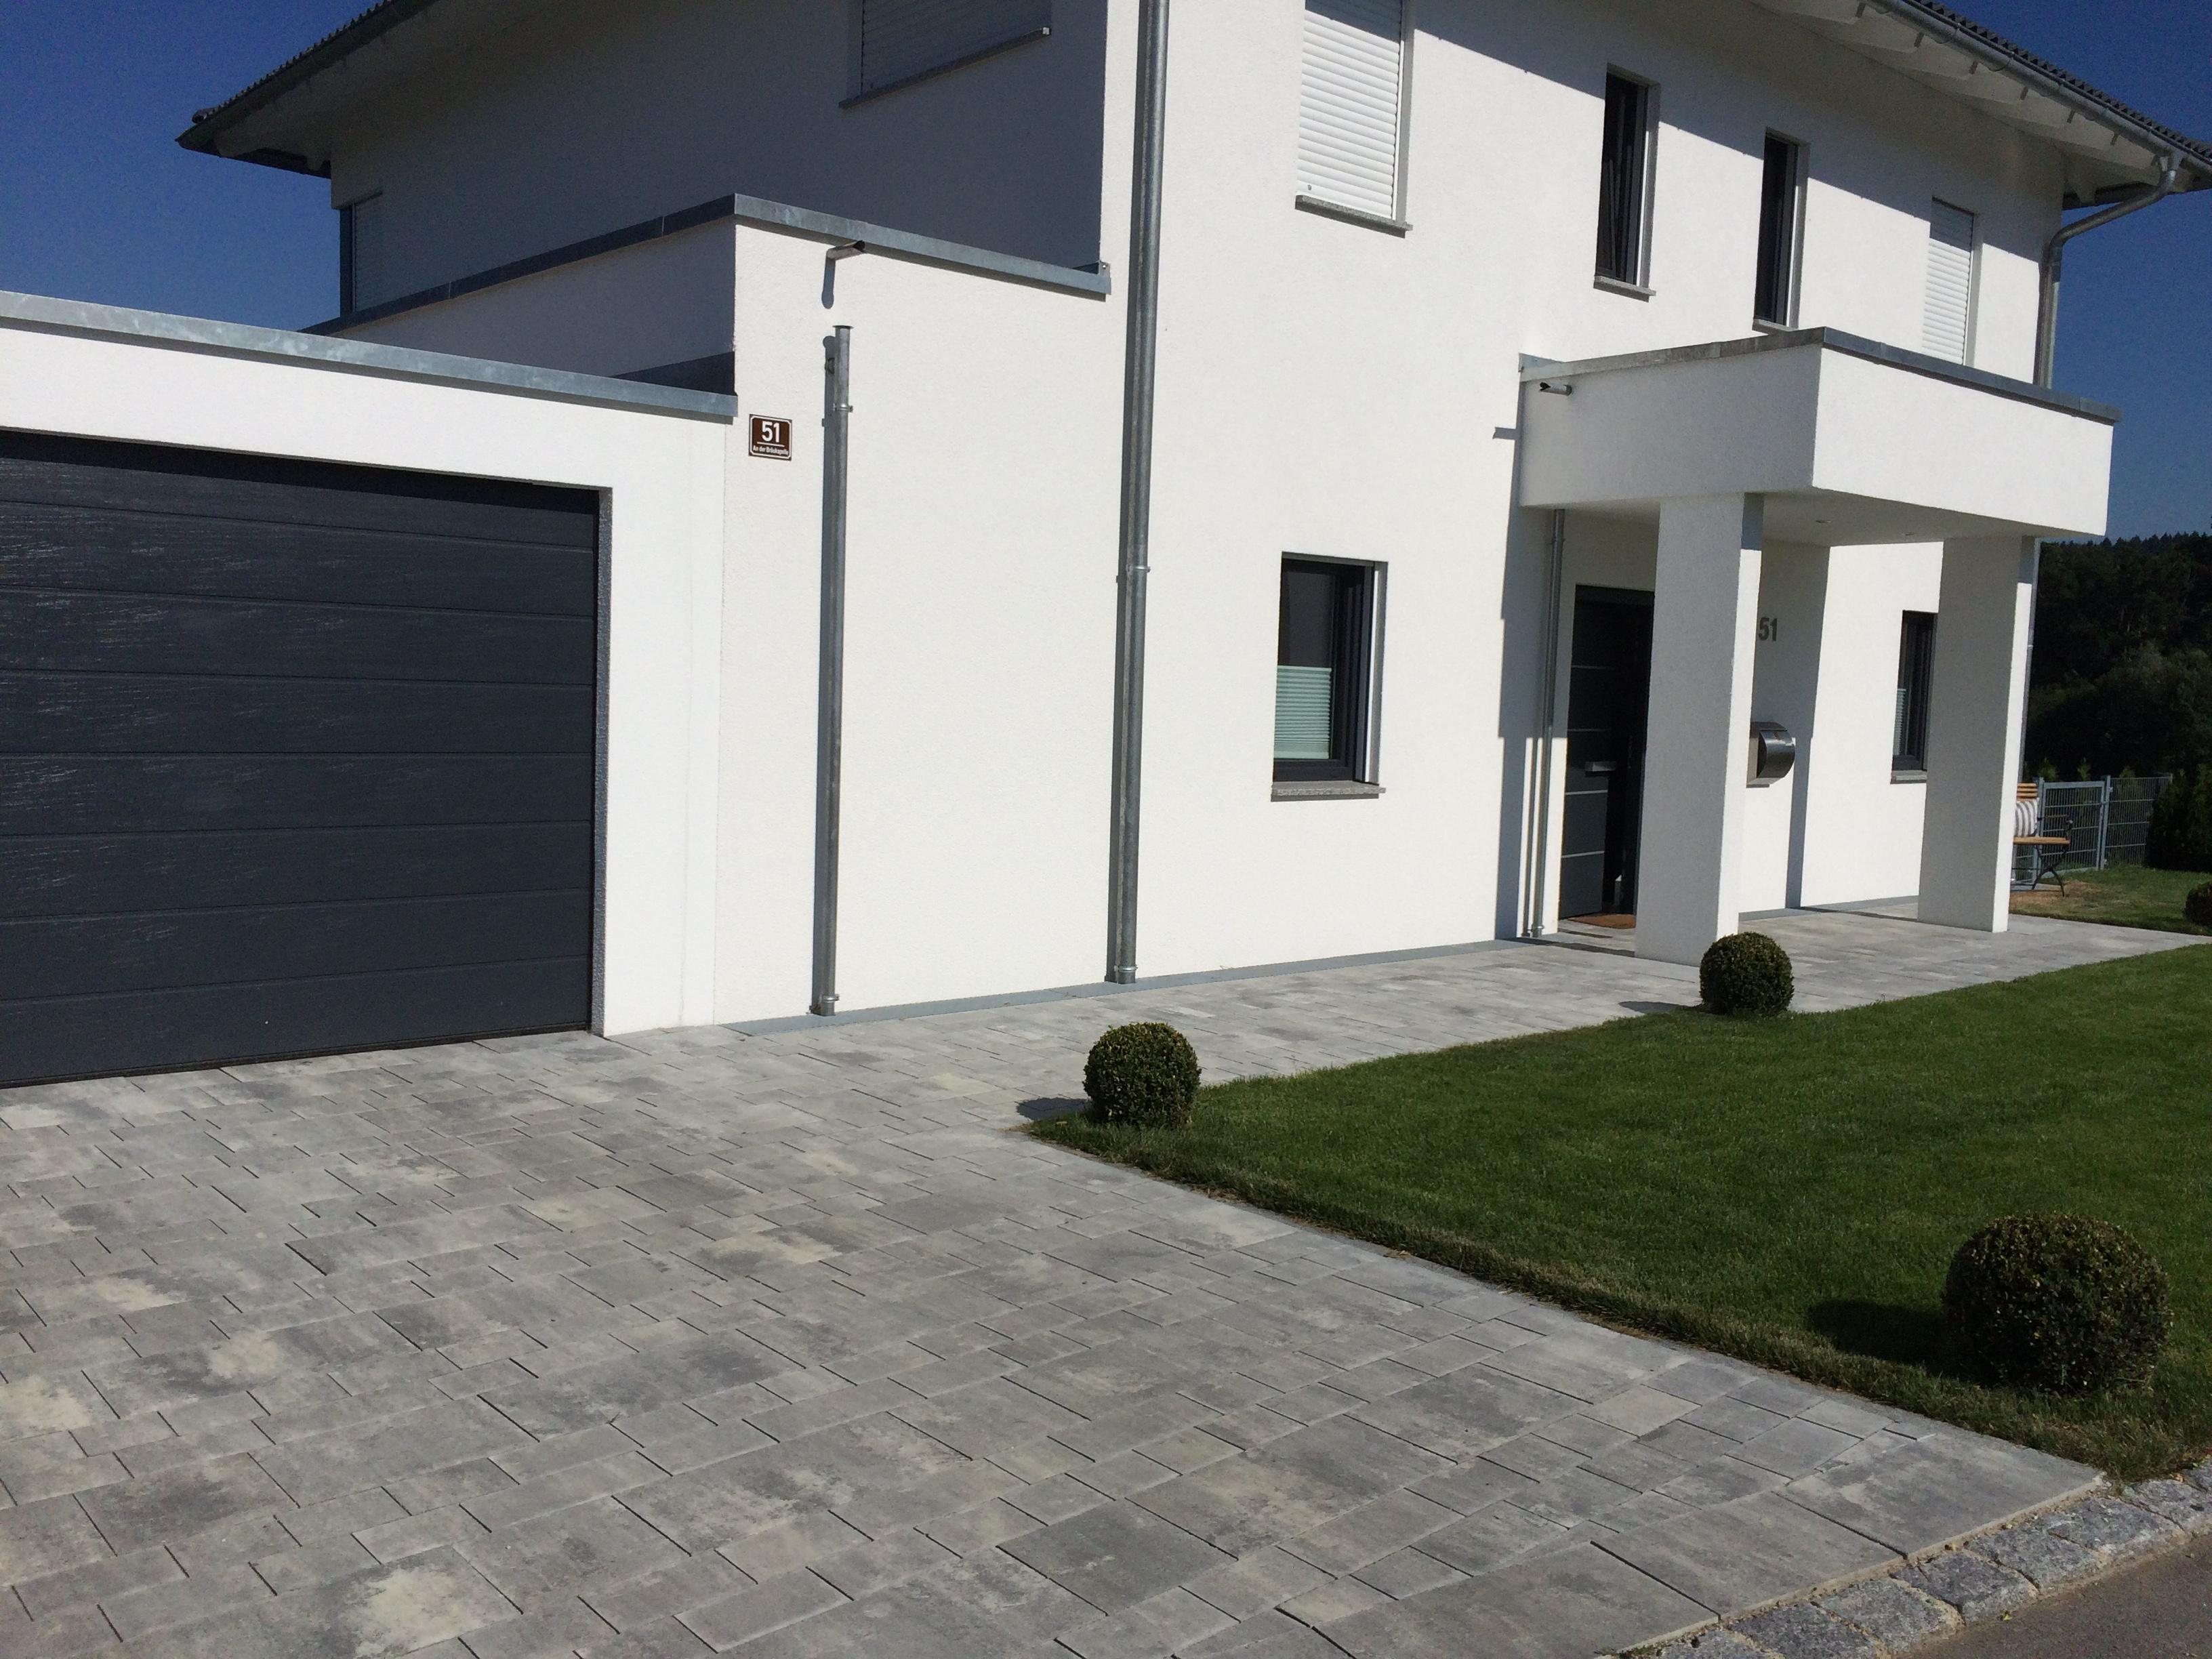 Moderne einfahrten einfamilienhaus  Einfahrt – Bruckmeier Garten- und Landschaftsbau